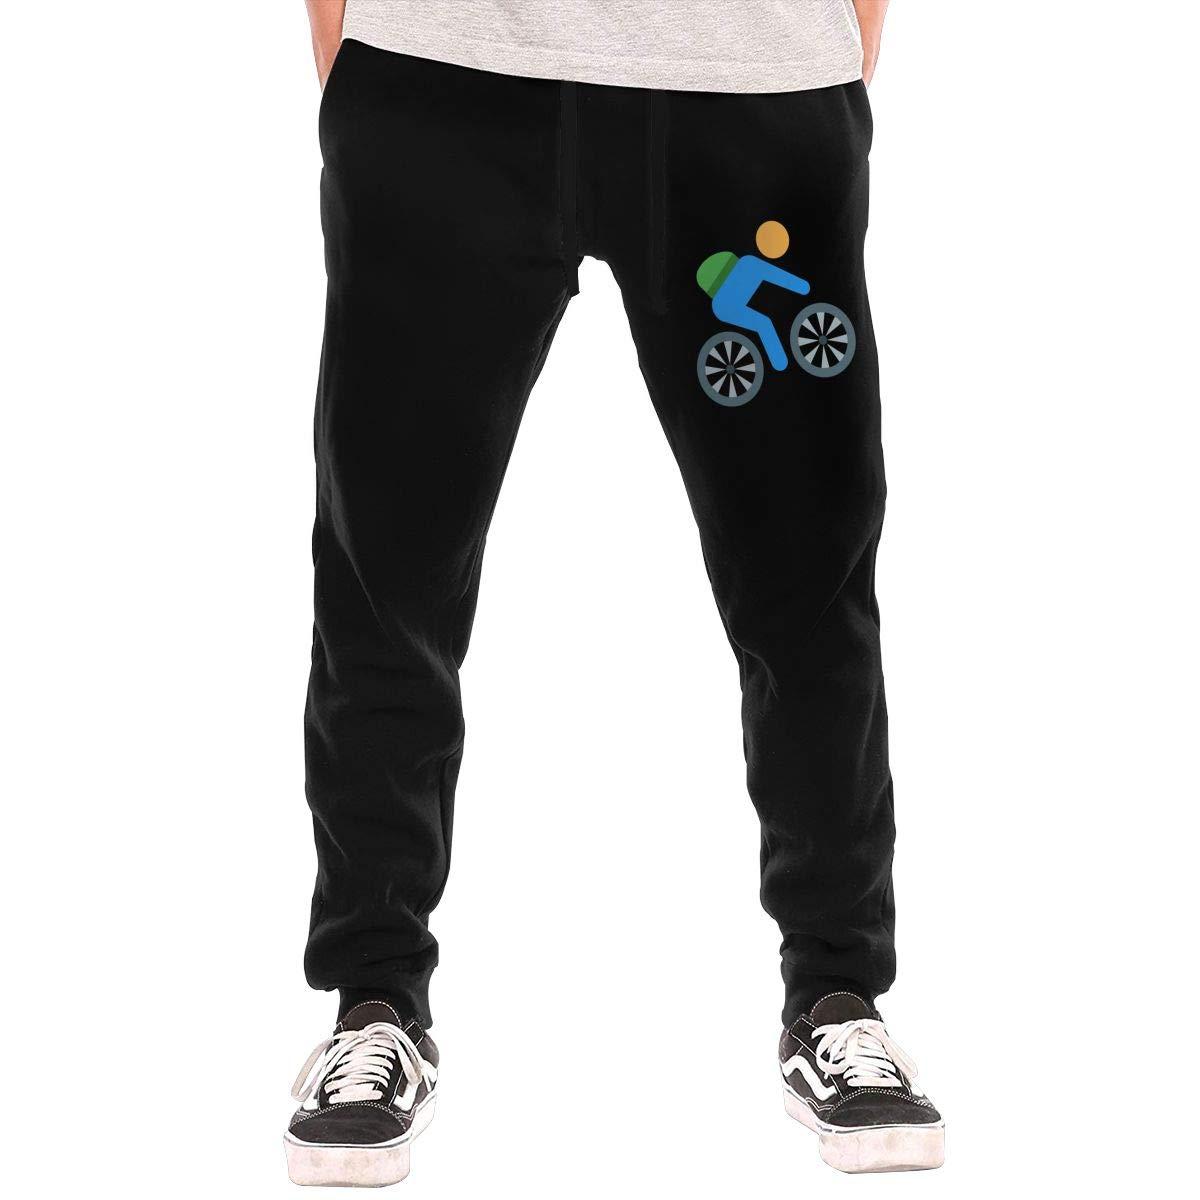 【ファッション通販】 AucCen XX-Large PANTS メンズ メンズ XX-Large ブラック PANTS B07MS84SCF, メンズファッション通販サイトTILE:de91cb06 --- brp.inlineteambrugge.be